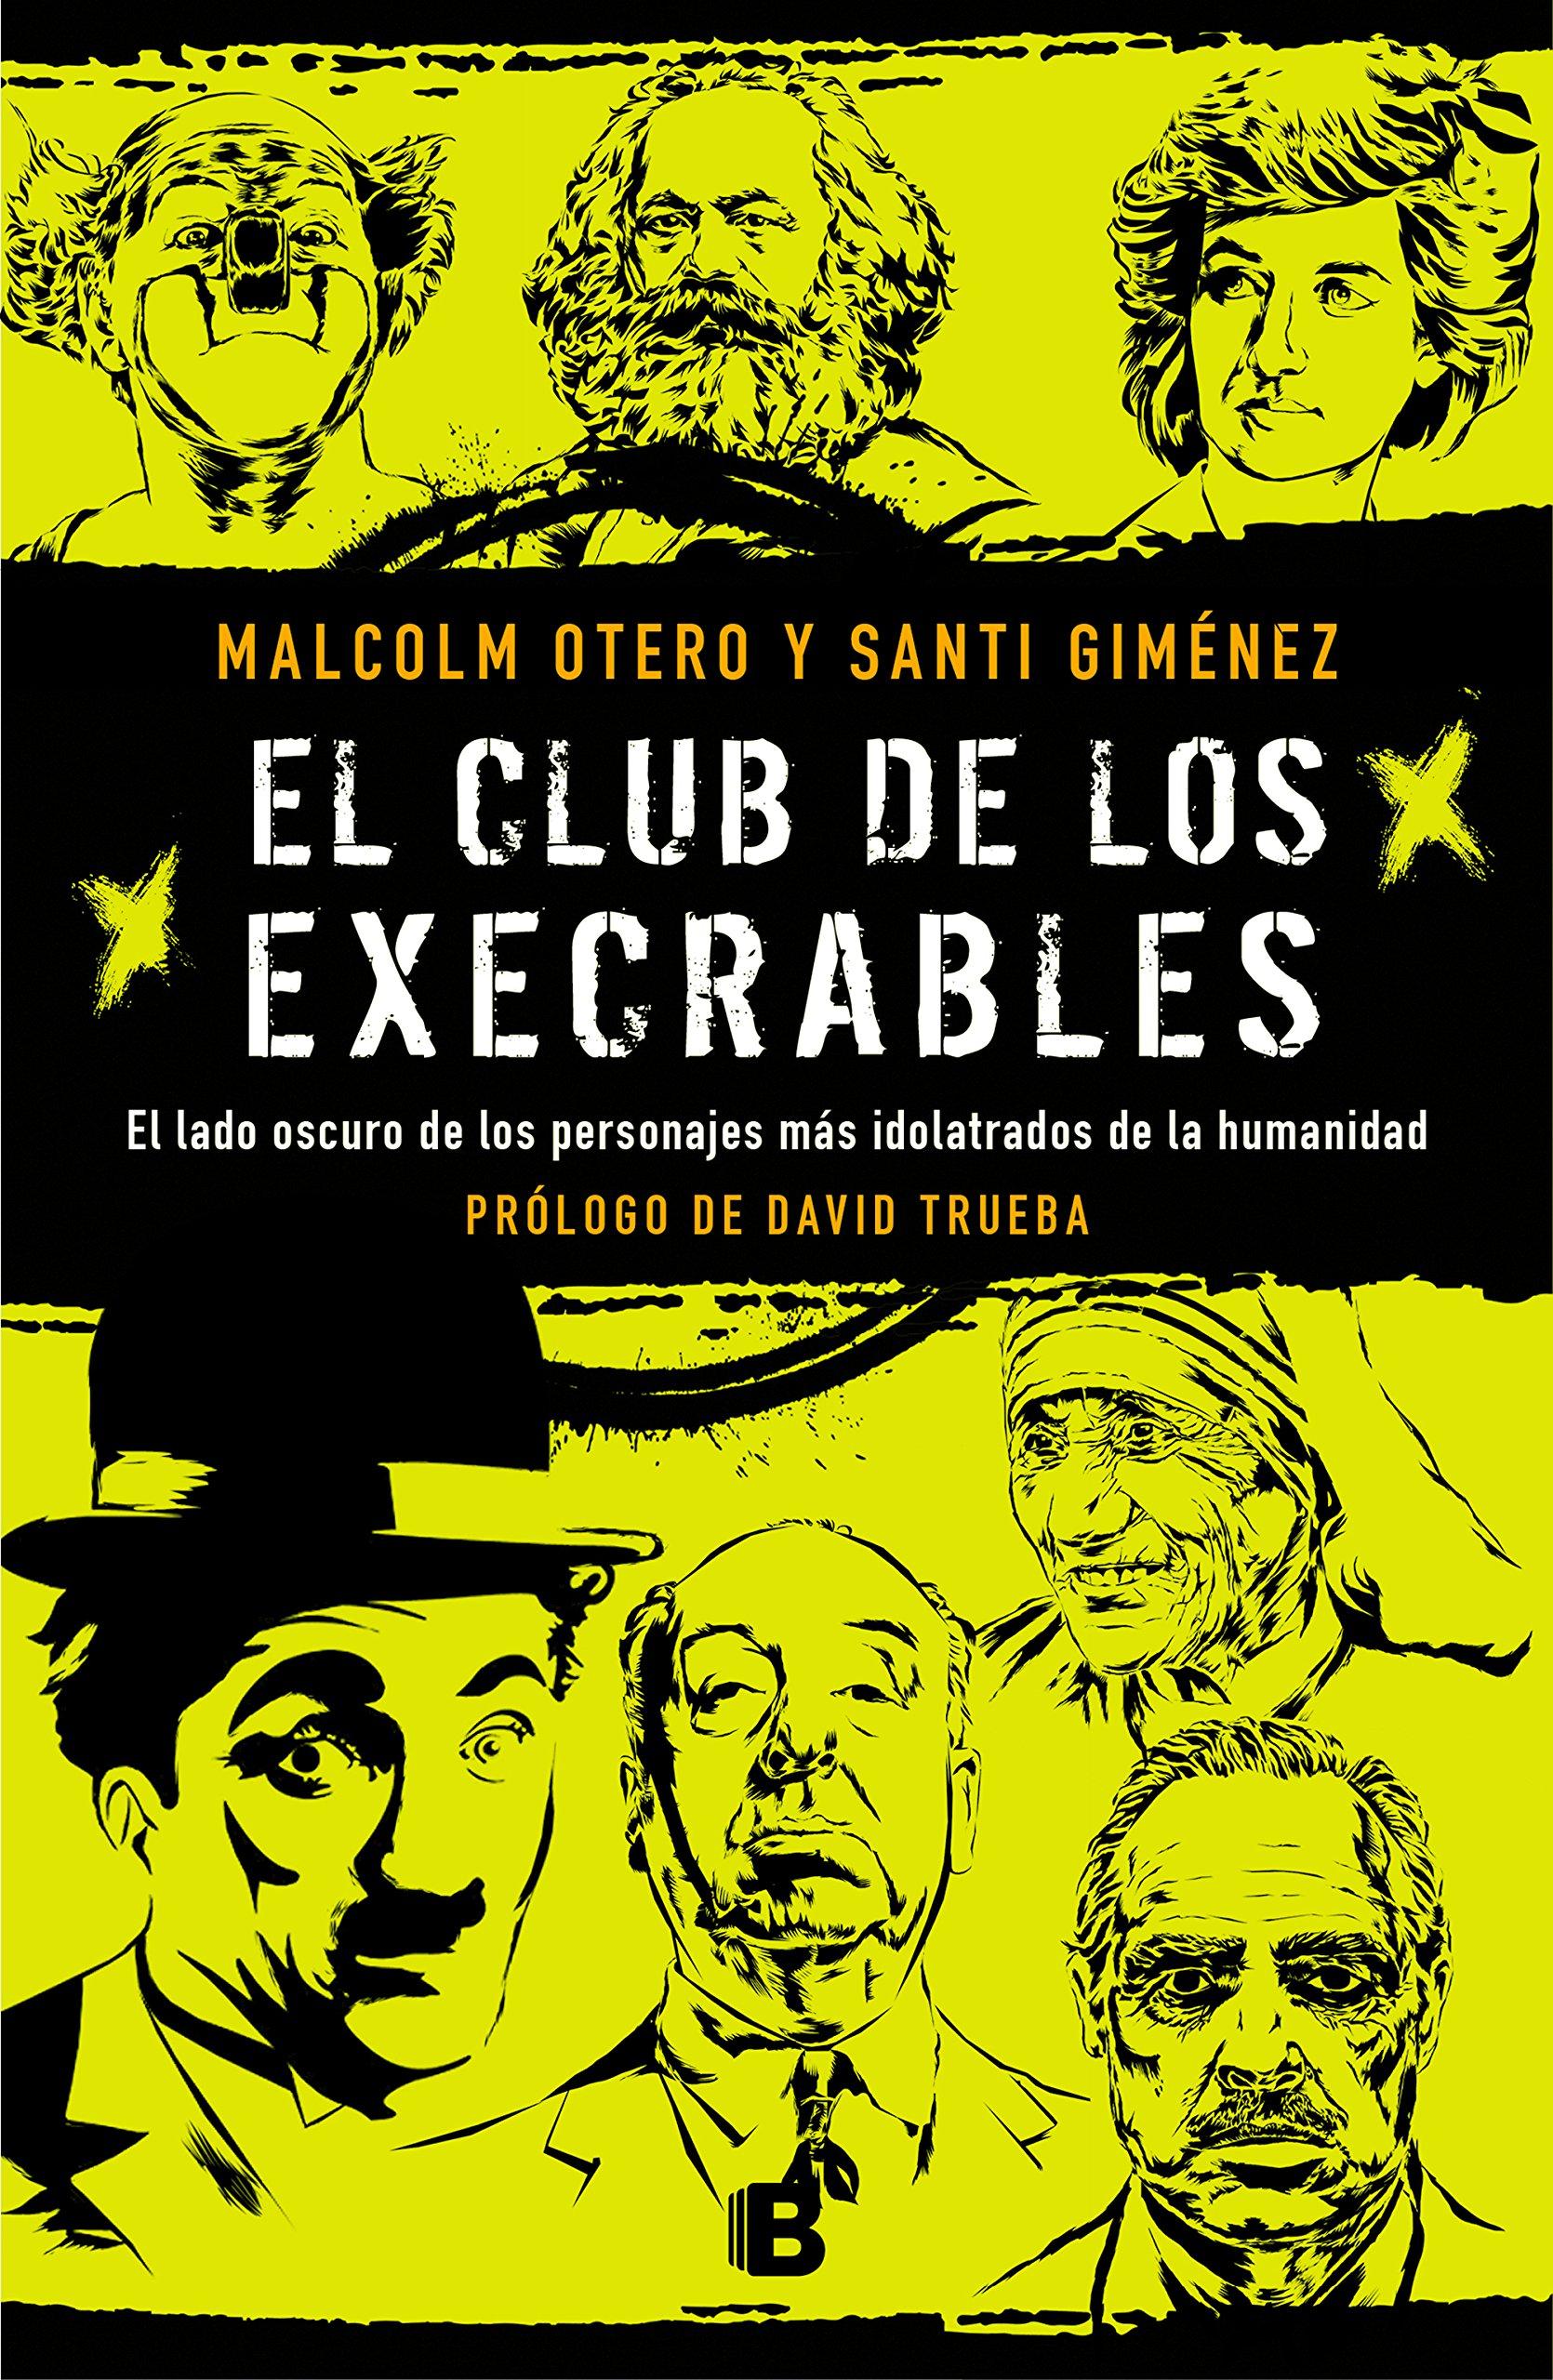 El club de los execrables (Malcolm Otero y Santi Giménez, 2018)